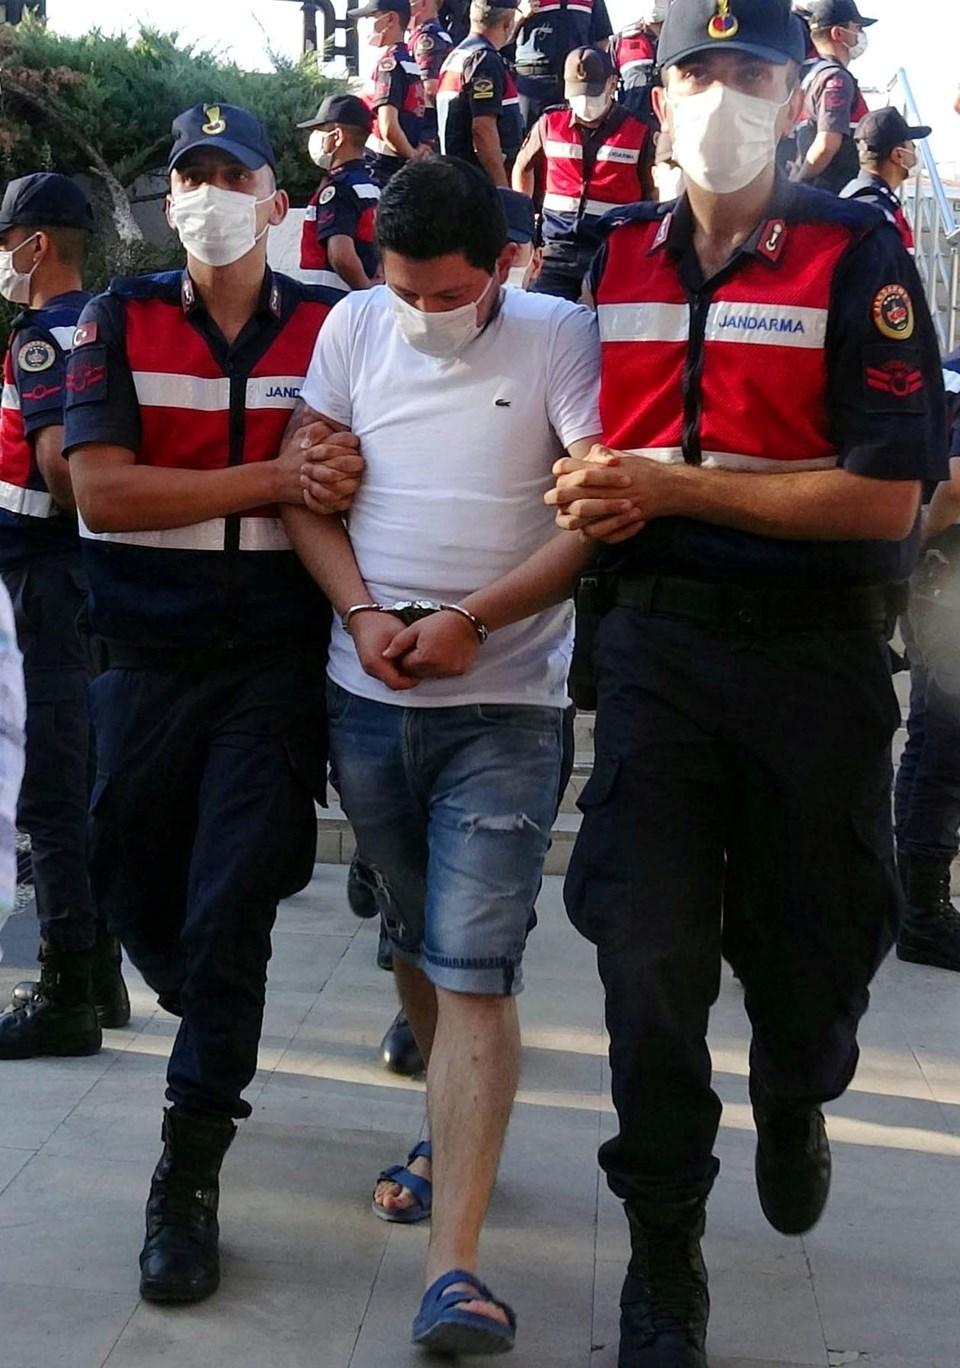 Pınar Gültekin davasında şok gelişme! Cinayeti tek başına işlemediği ileri sürülmüştü! Katil Avcı'nın anne, baba ve ortağına iddianame kararı...